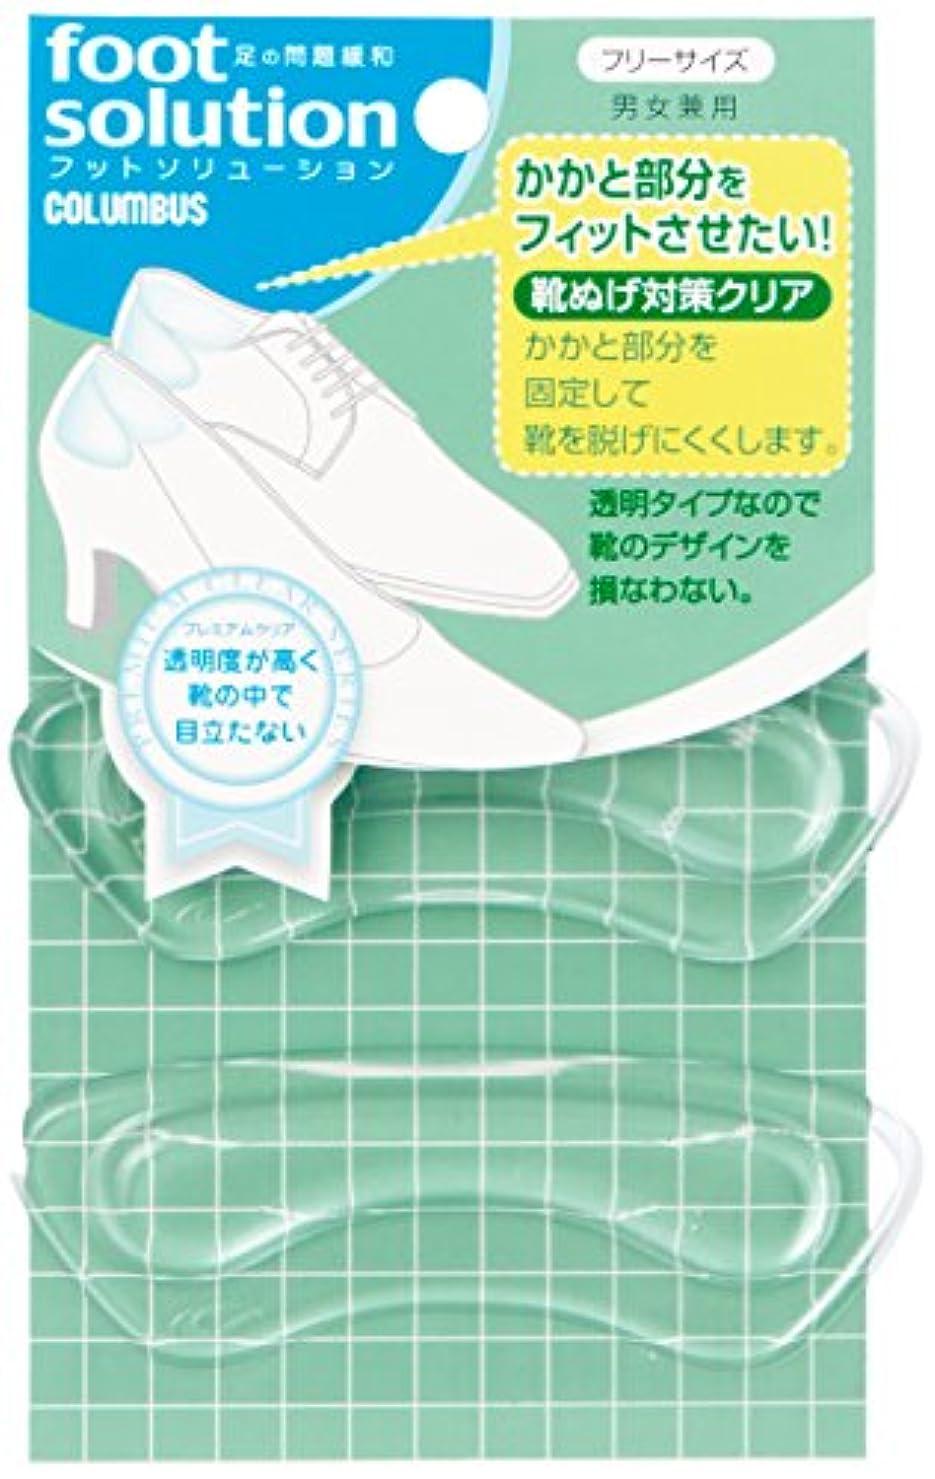 旋律的シンジケートヒギンズ[コロンブス] 靴脱げ対策クリア Foot Solution 88550005 N 女性用フリーサイズ